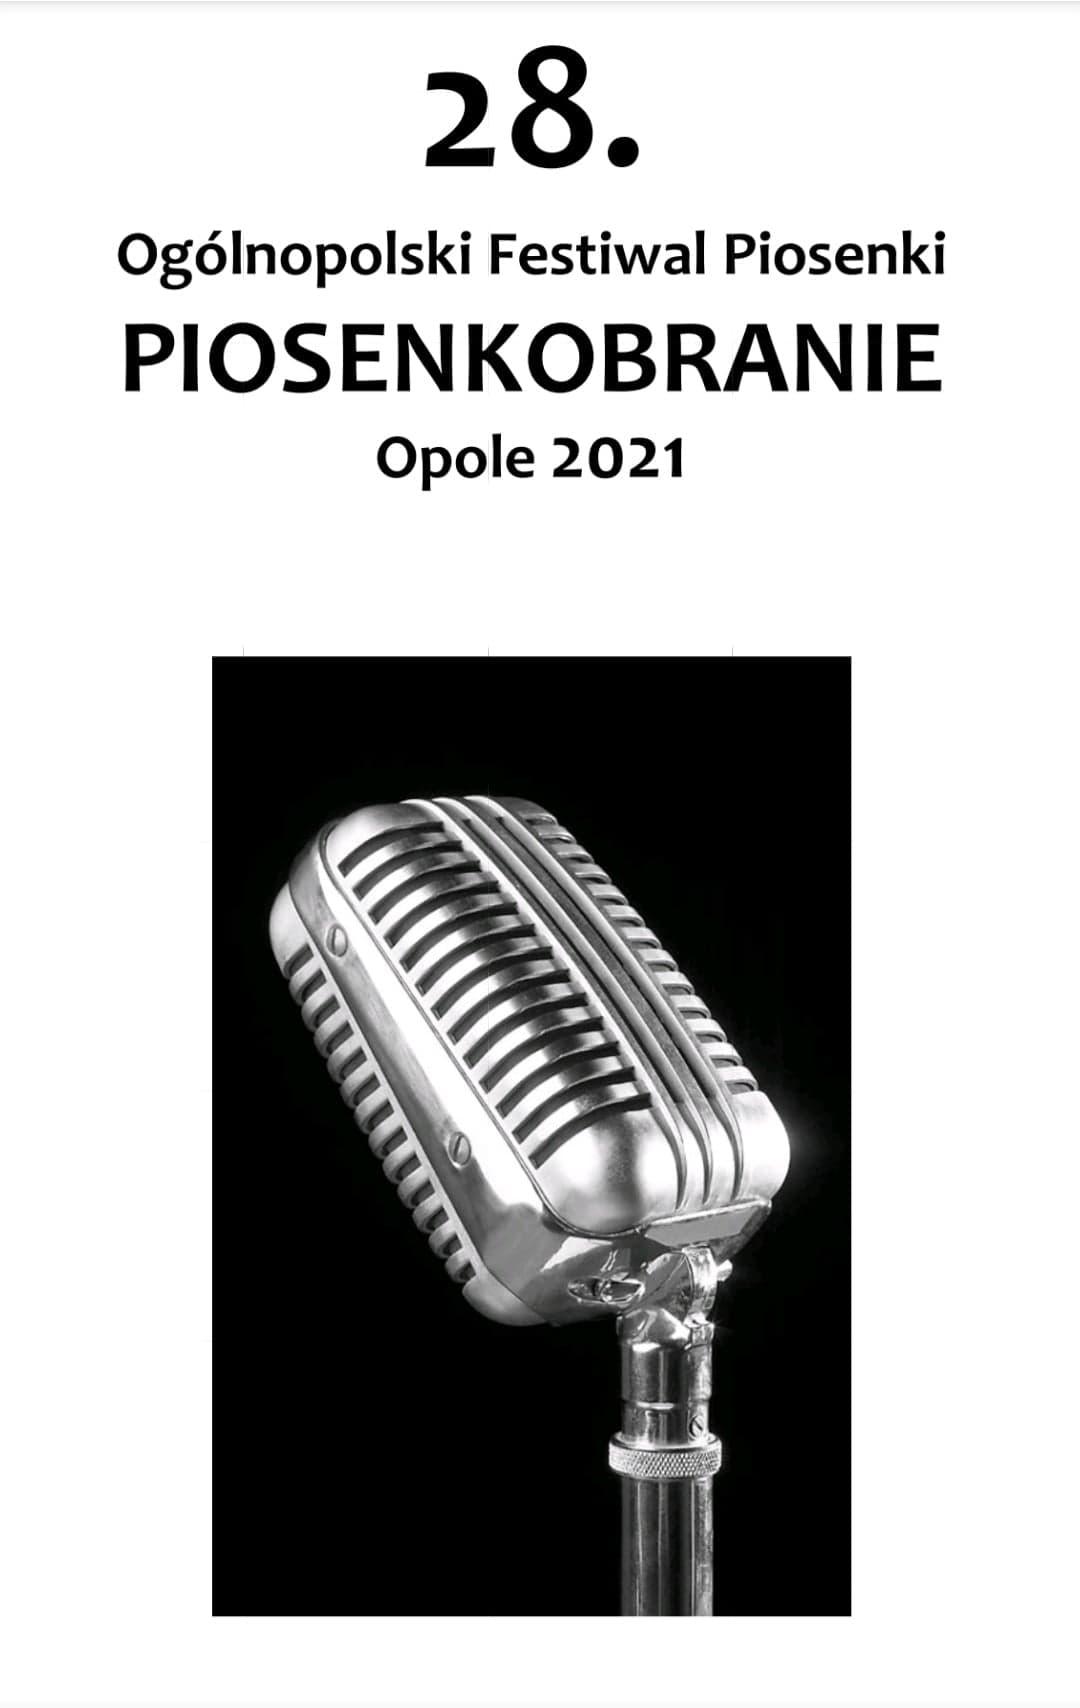 piosenkobranie Wystąpi w Opolu!